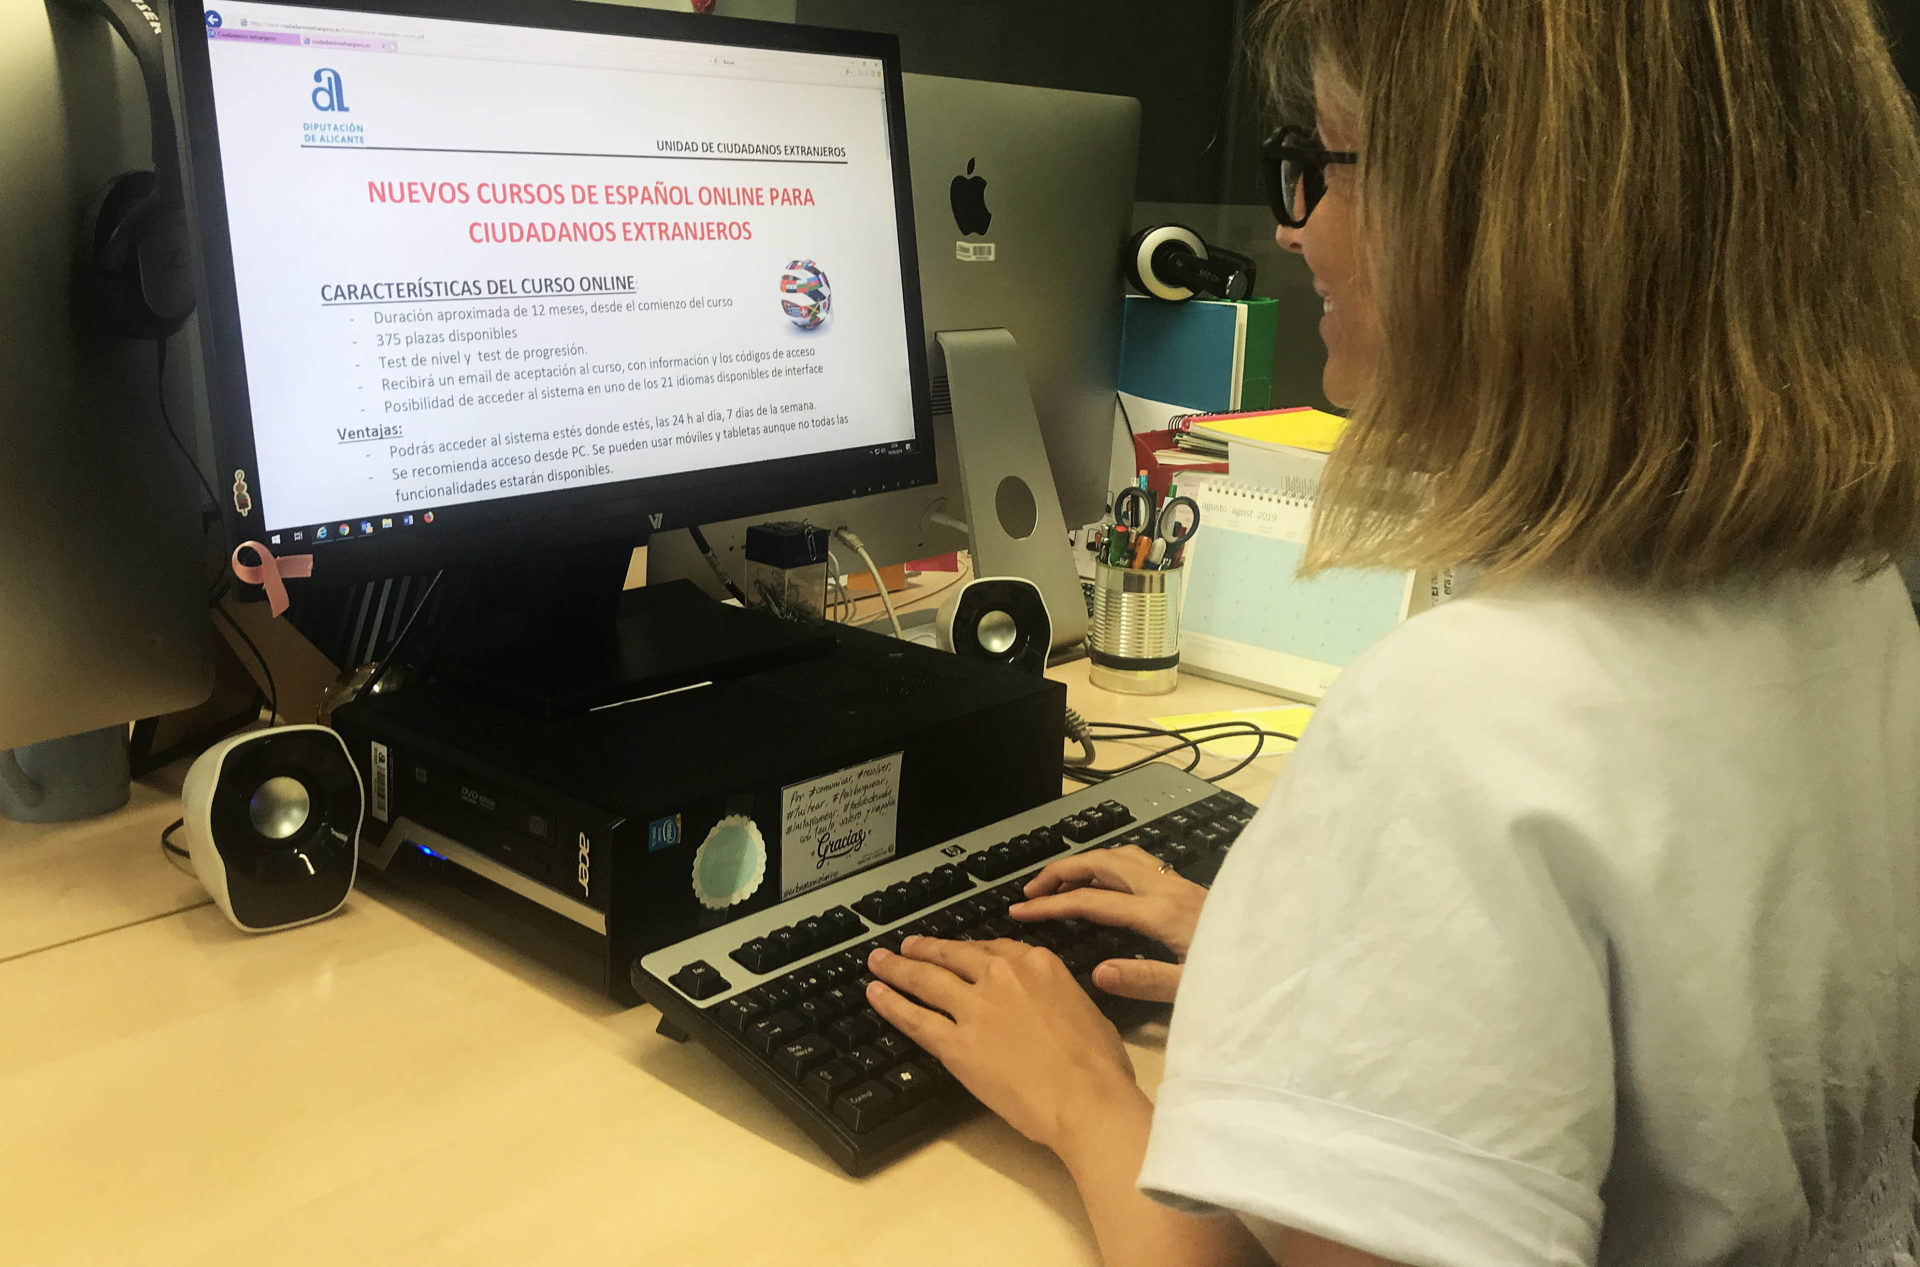 Los nuevos cursos de español para extranjeros de la Diputación de Alicante / Diputación de Alicante